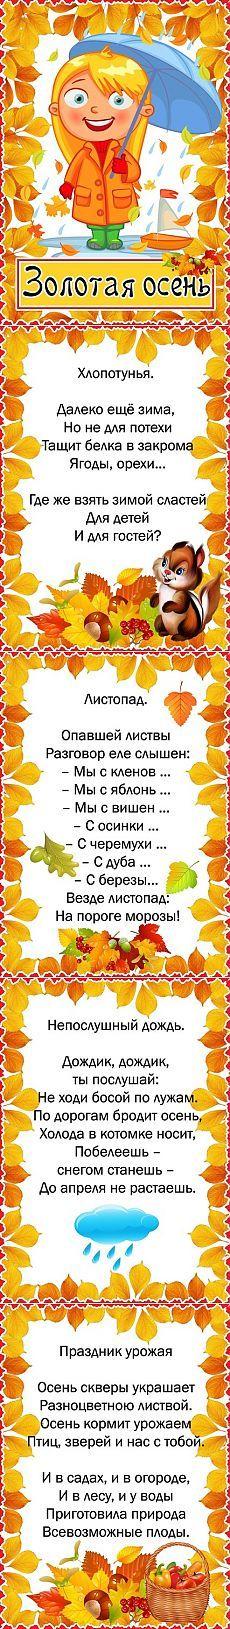 Стихи про осень - Поделки с детьми | Деткиподелки